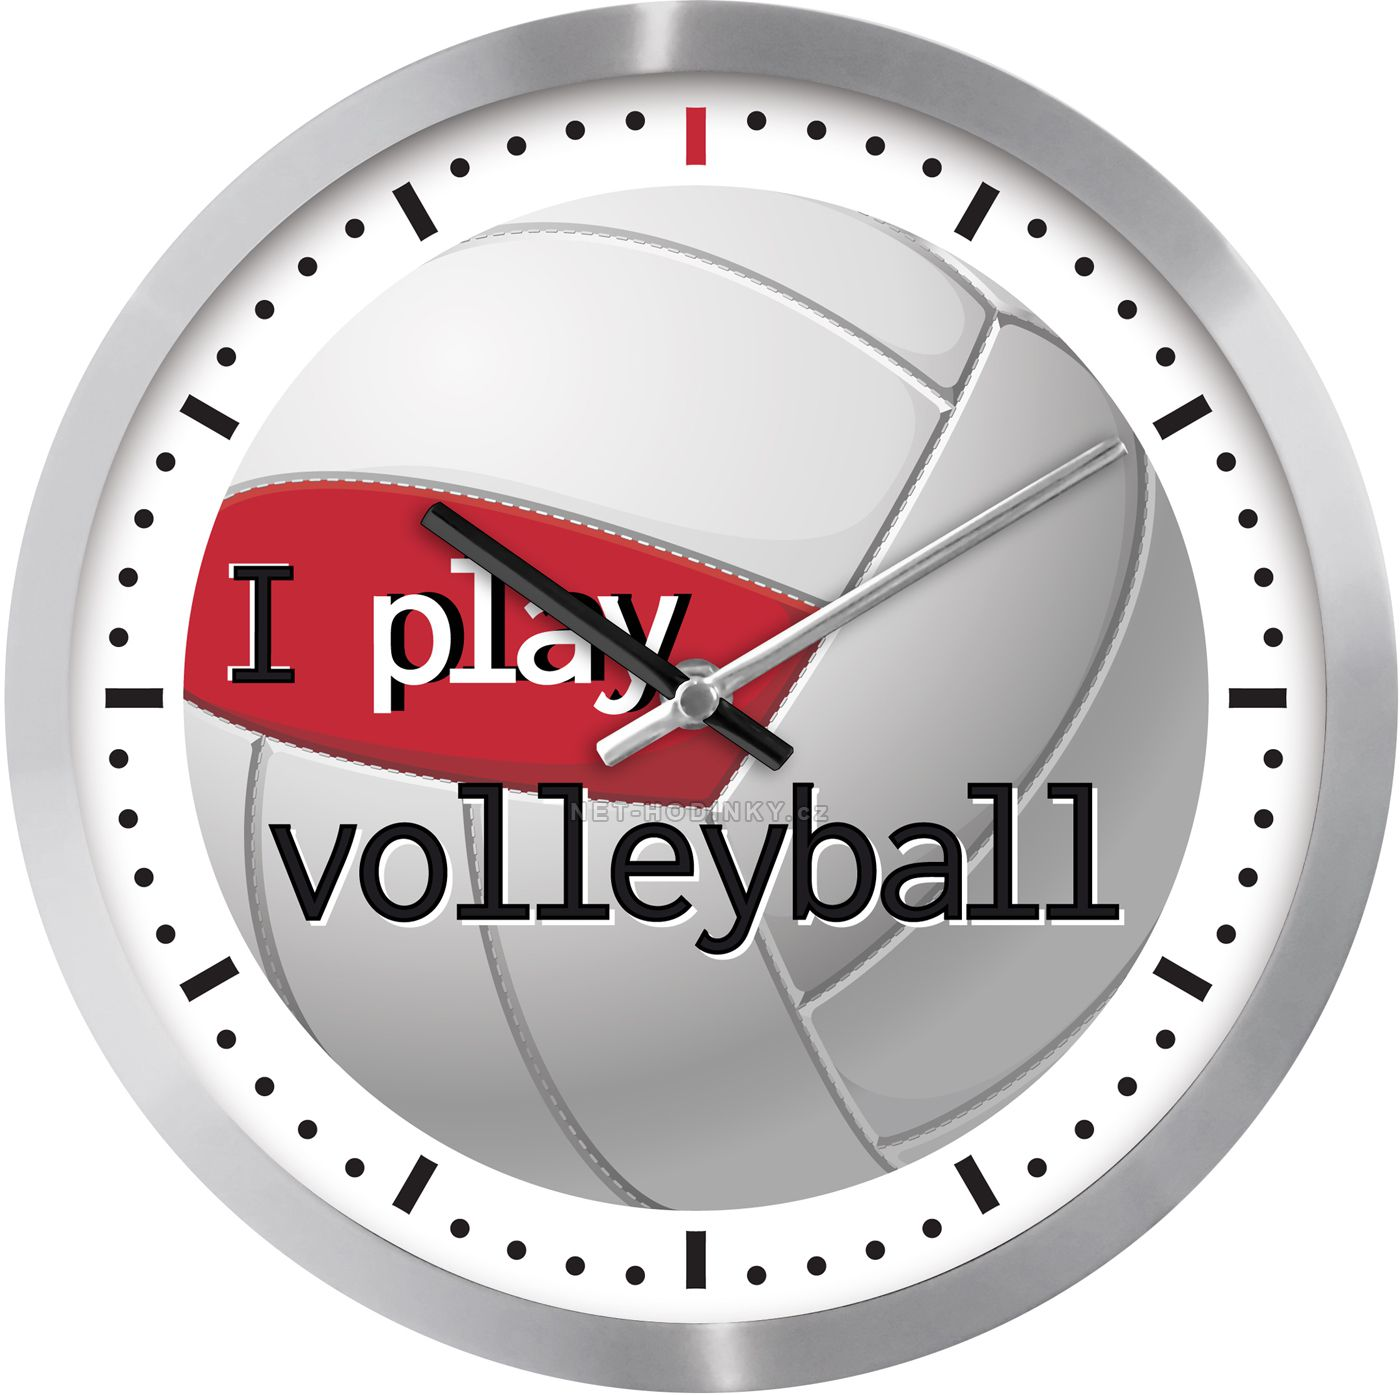 Nástěnné hodiny na stěnu Volleyball, Bowling, Basketbal, Fotbal, nástěnné hodiny na zeď, dětské hodiny H926N